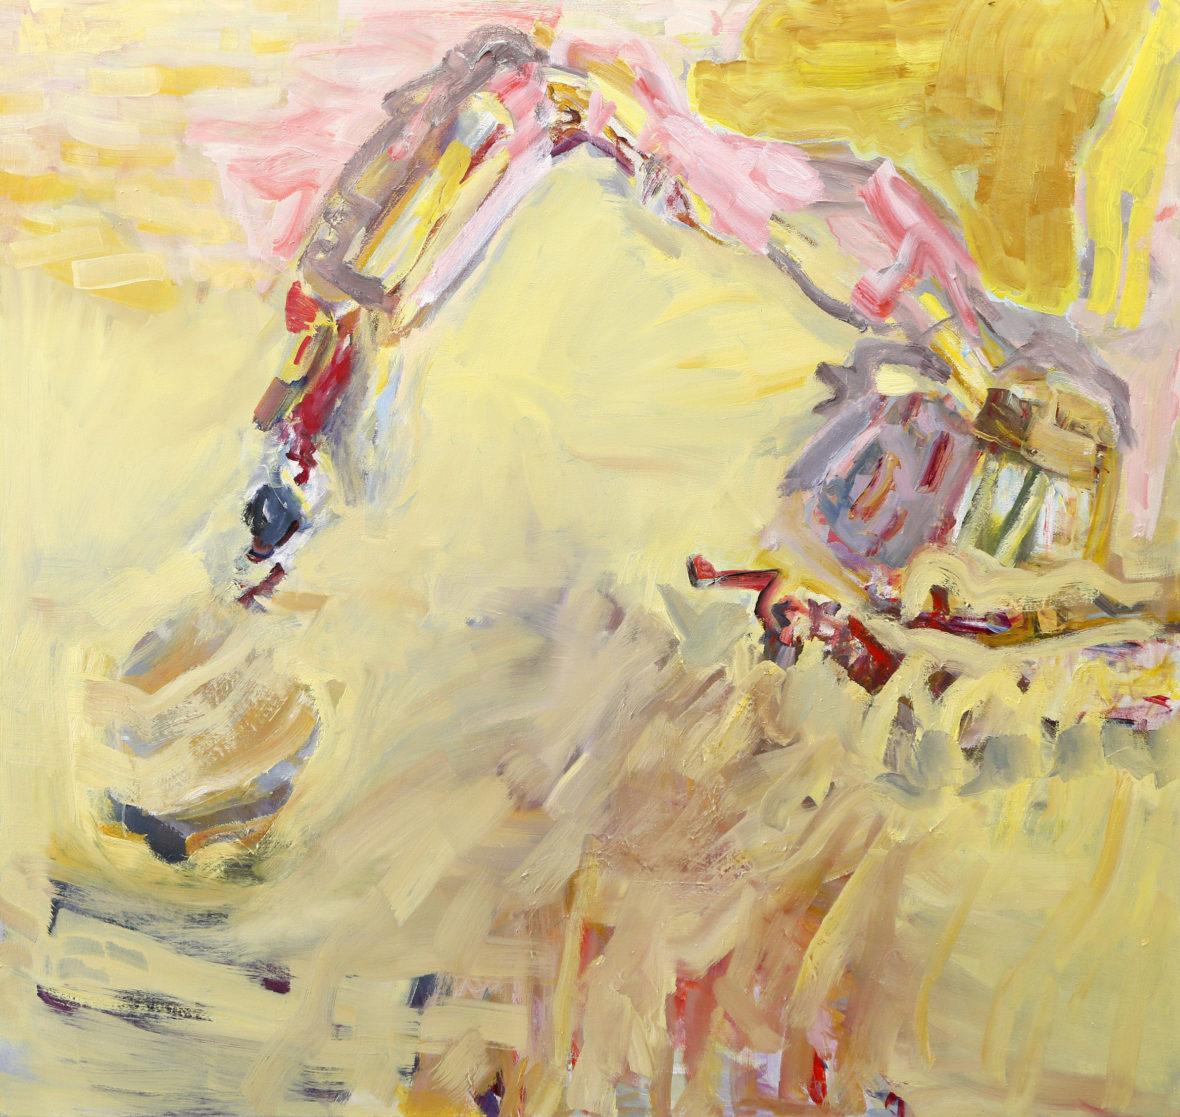 Keltainen kaivinkone  / An Yellow Excavator